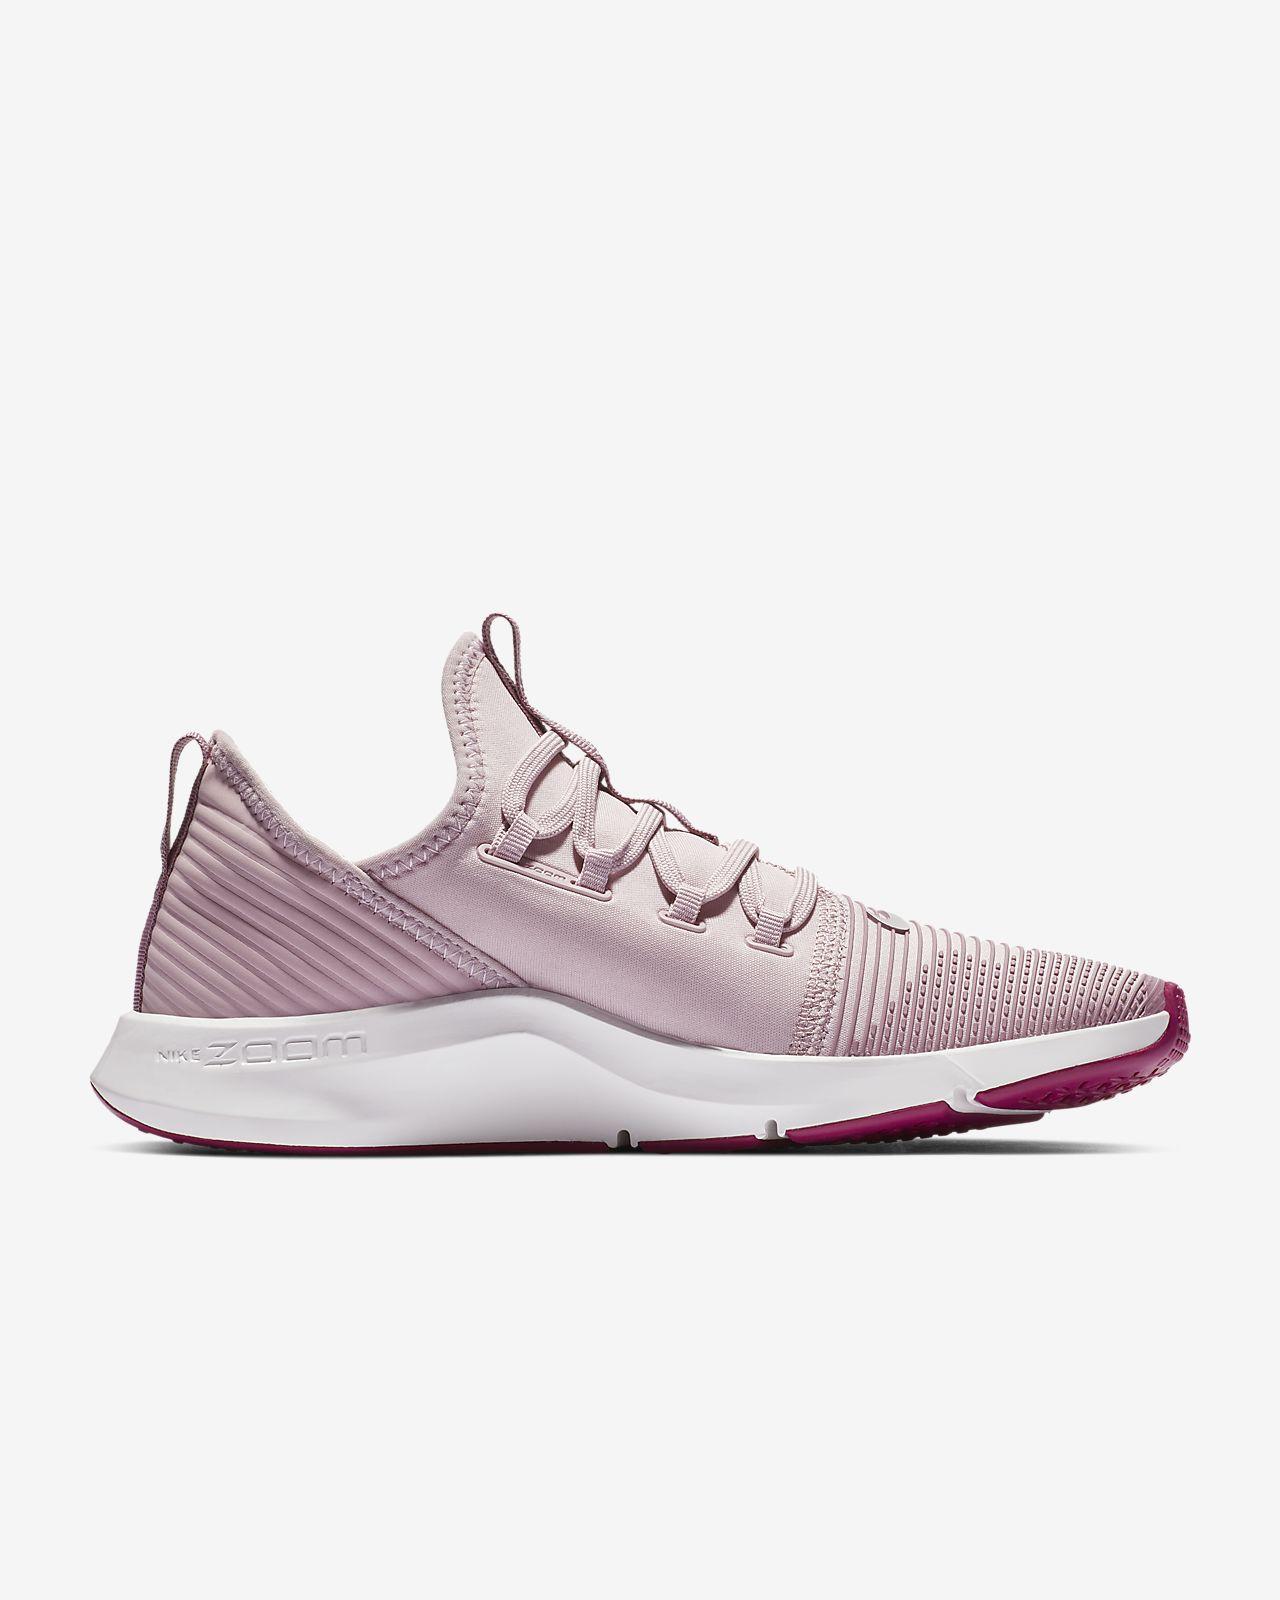 1ad81f74b3 Nike Air Zoom Elevate Women's Gym/Training/Boxing Shoe. Nike.com